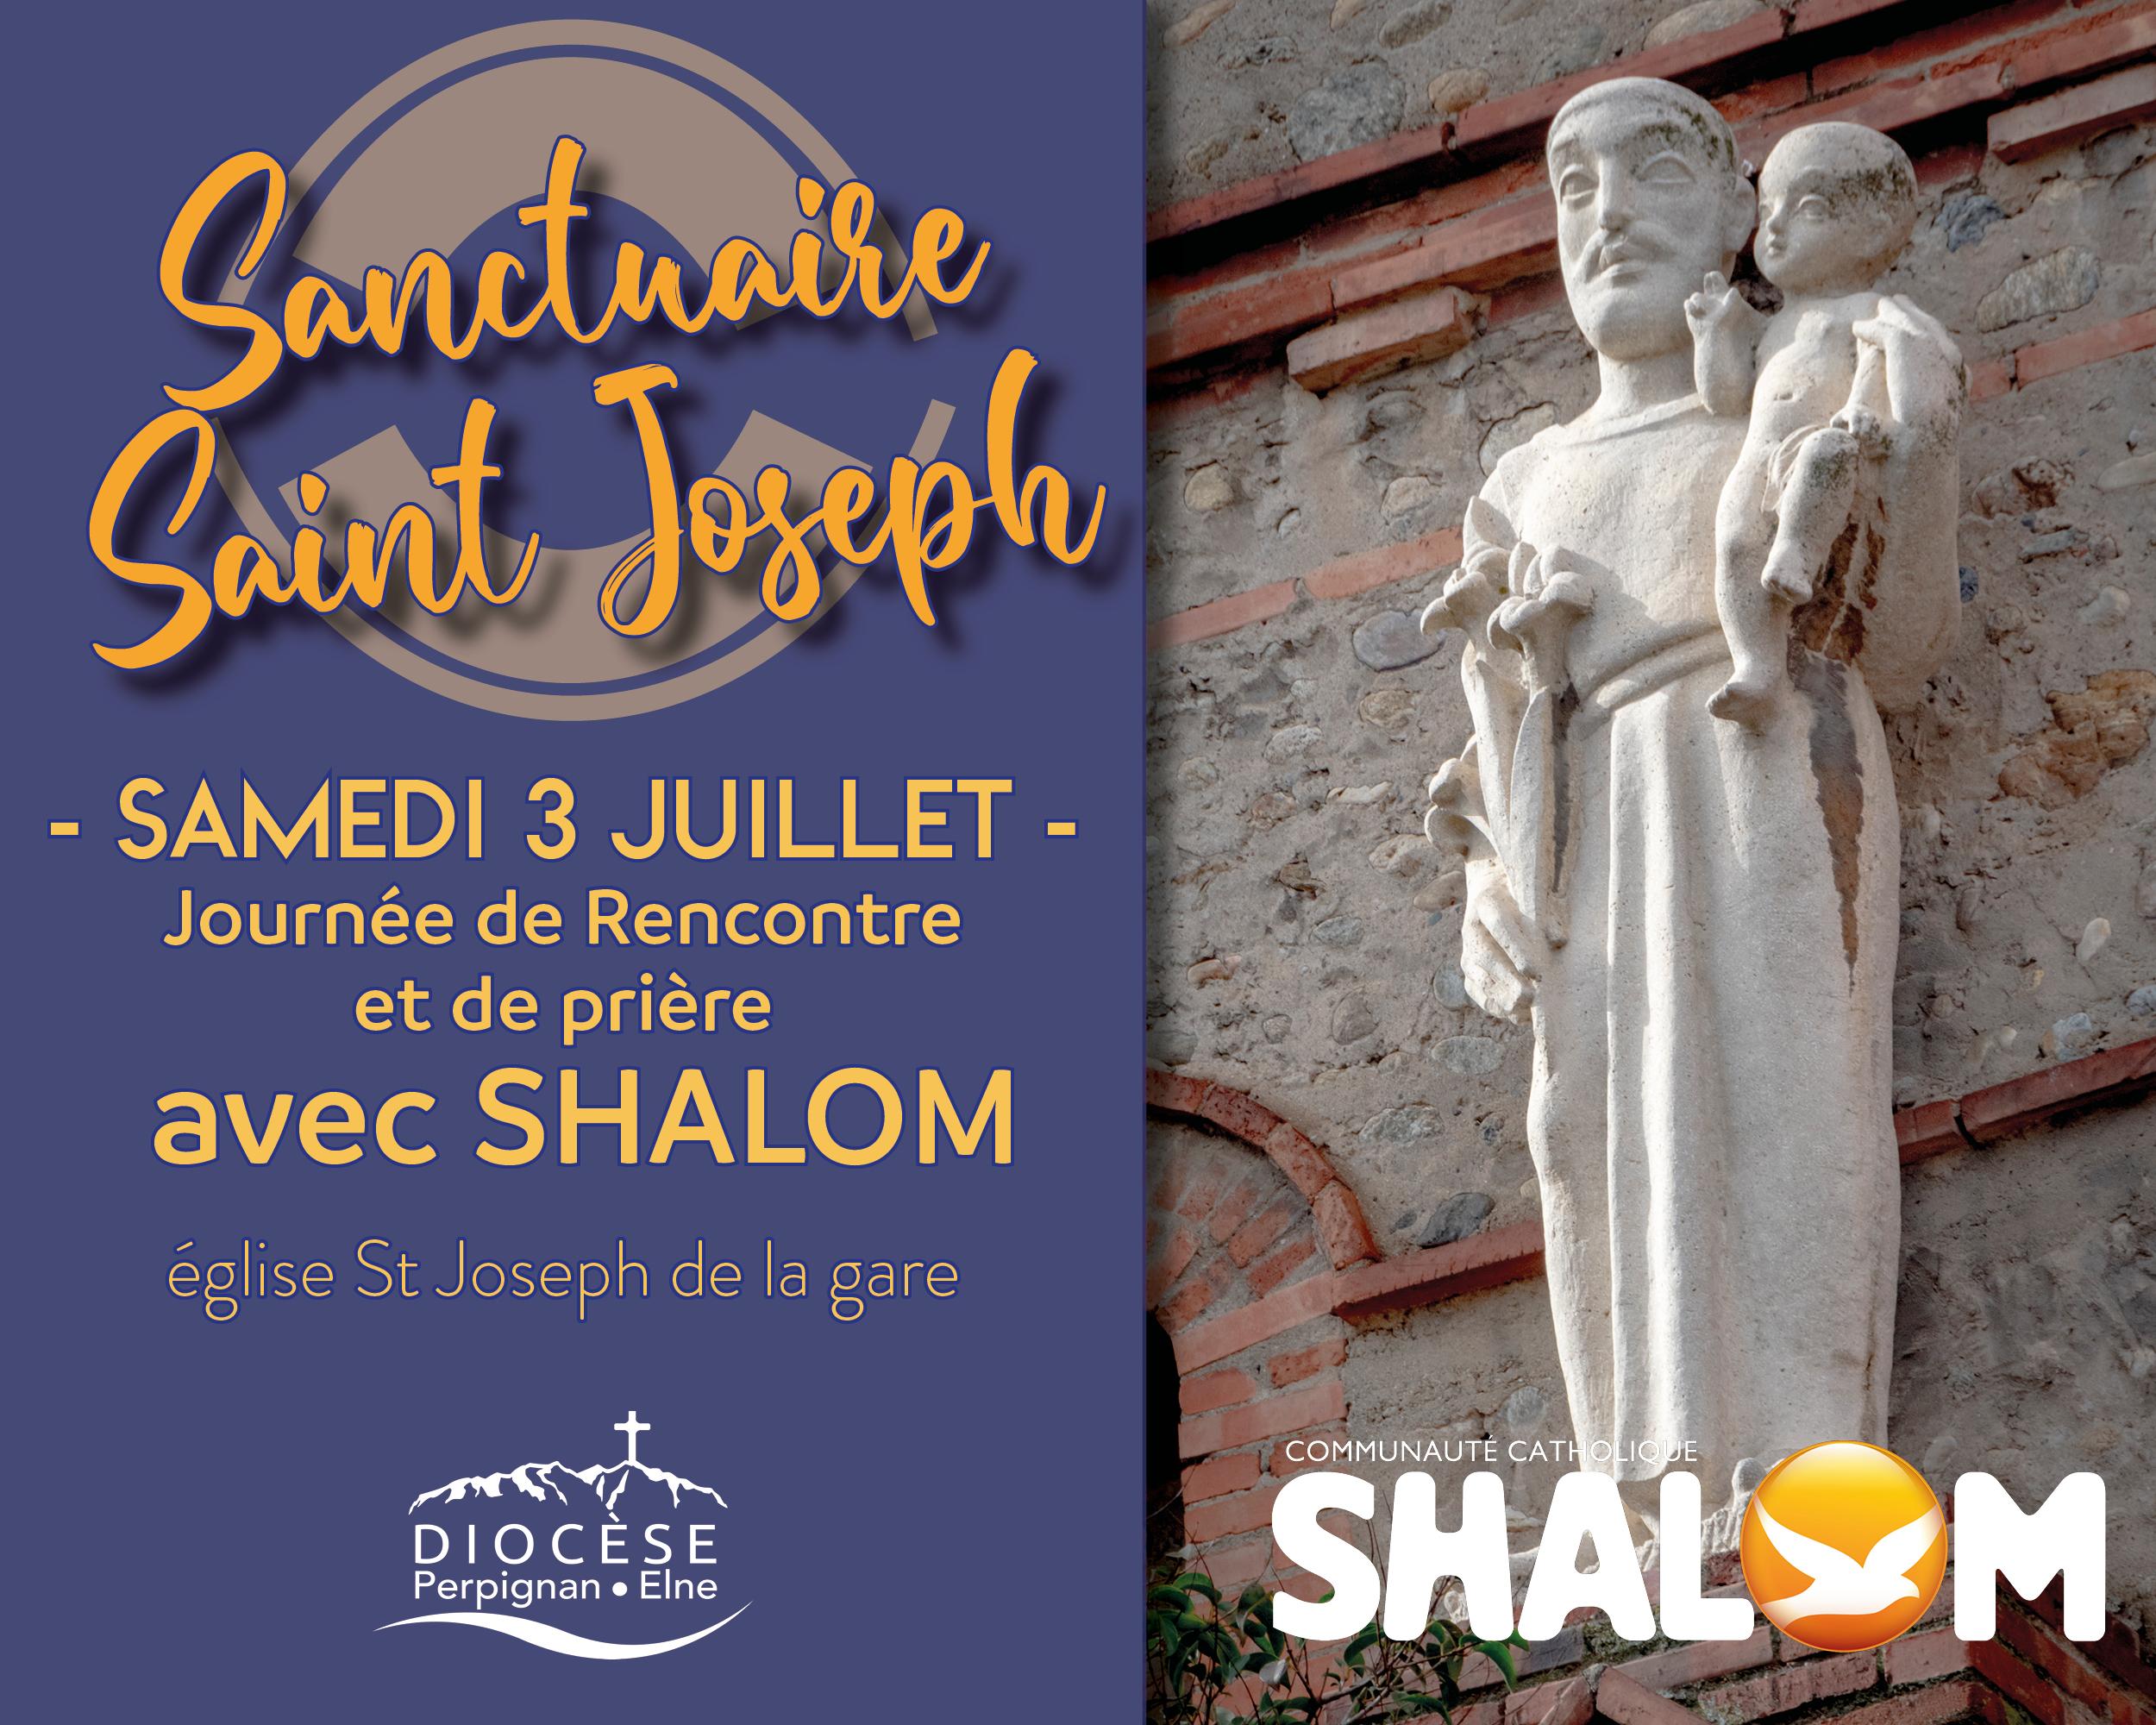 Sanctuaire St Joseph : journée de rencontre avec la Cté Shalom à l'église St Joseph de la gare le 3 juillet